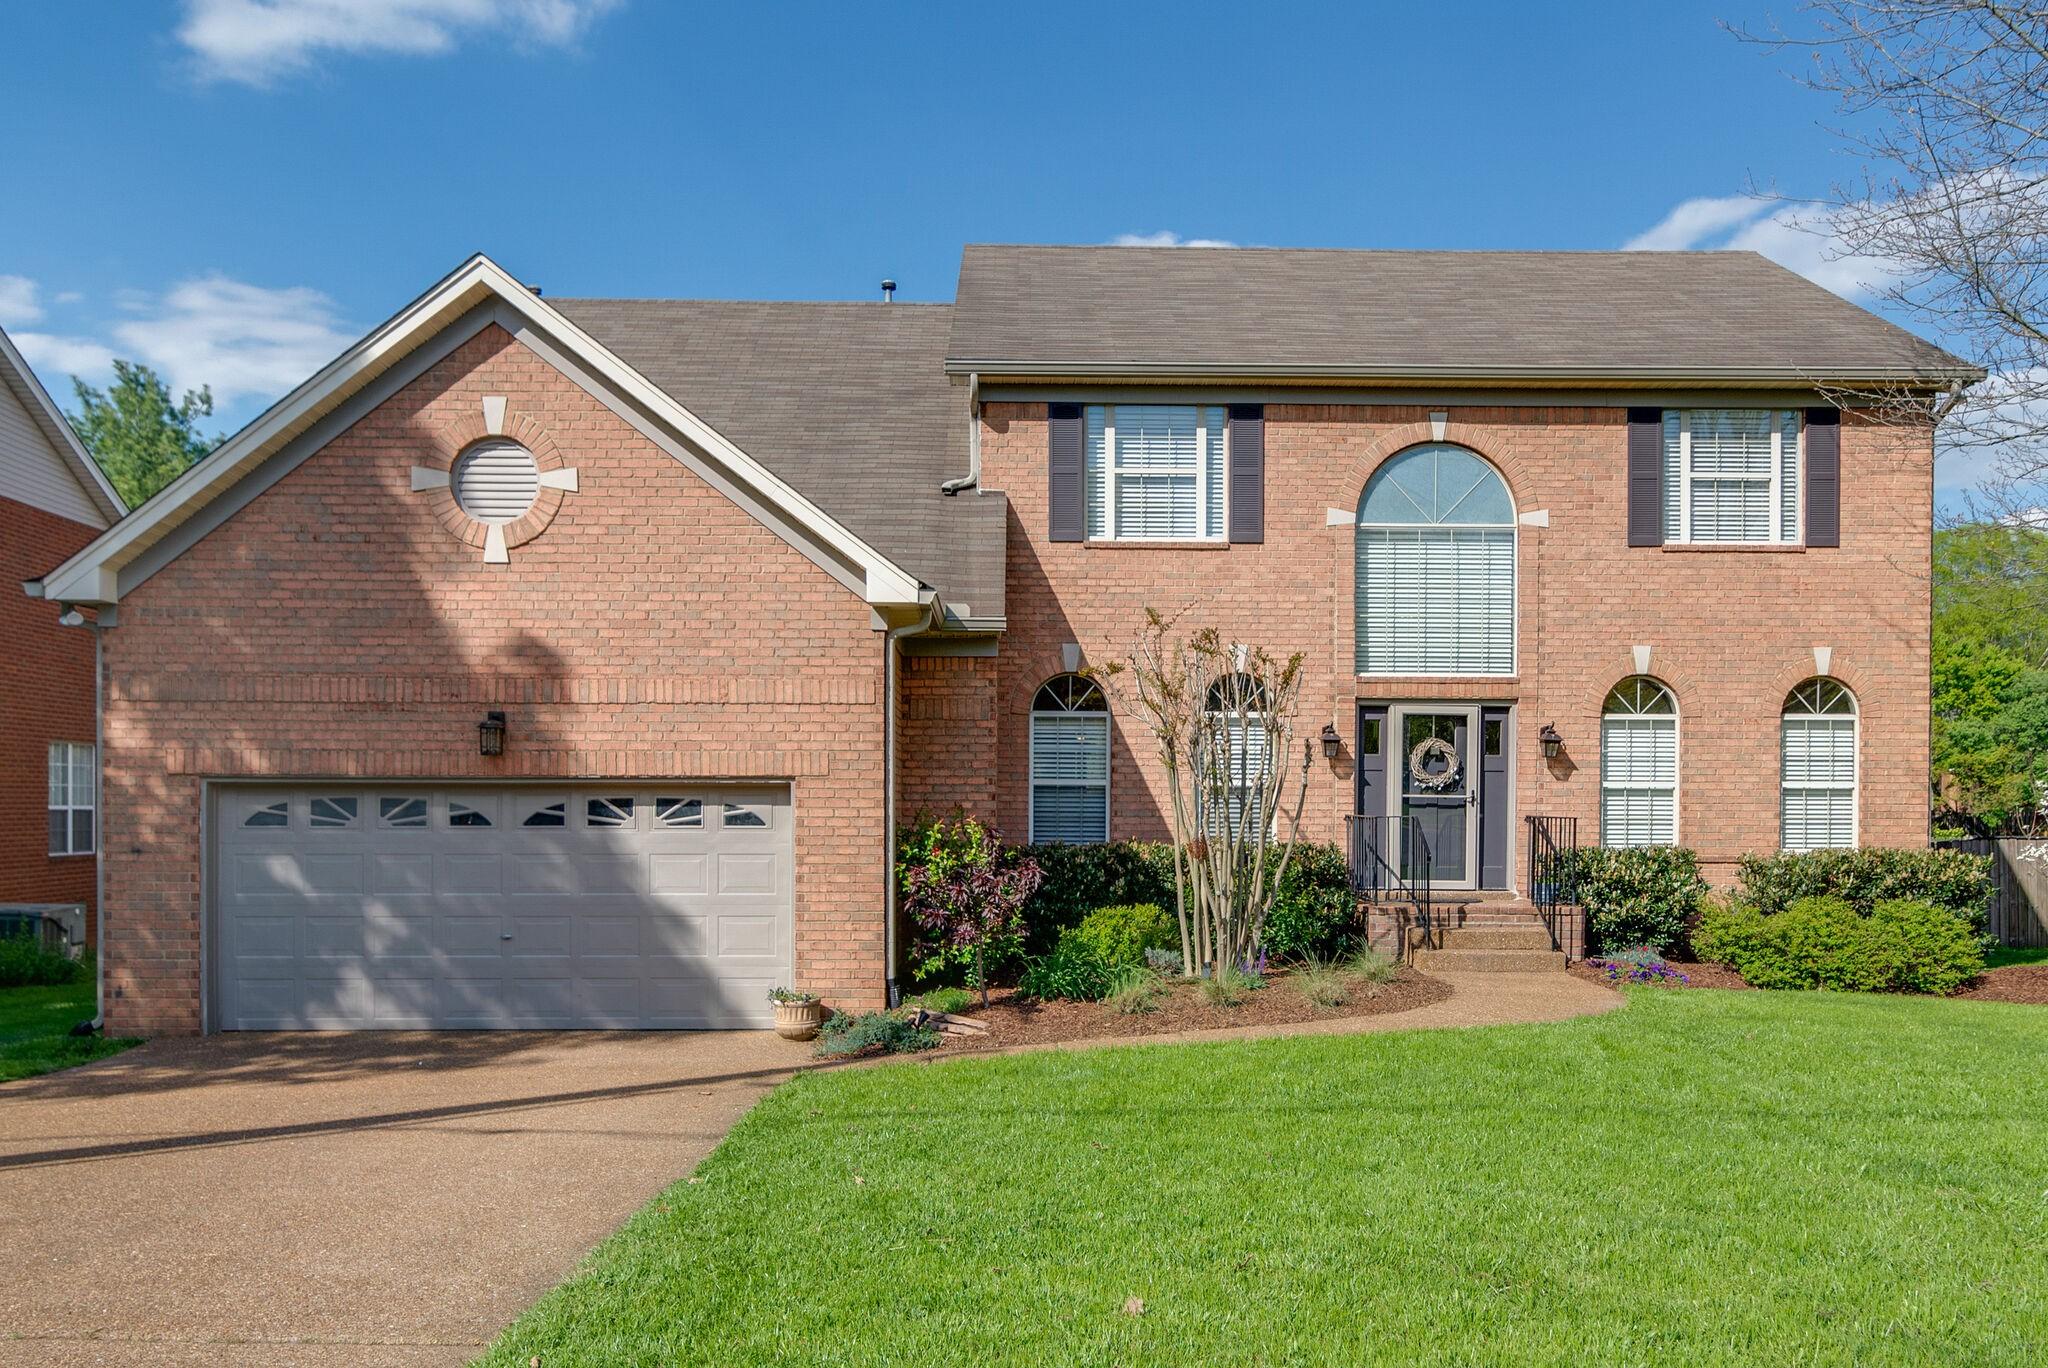 7812 River Fork Dr Property Photo - Nashville, TN real estate listing